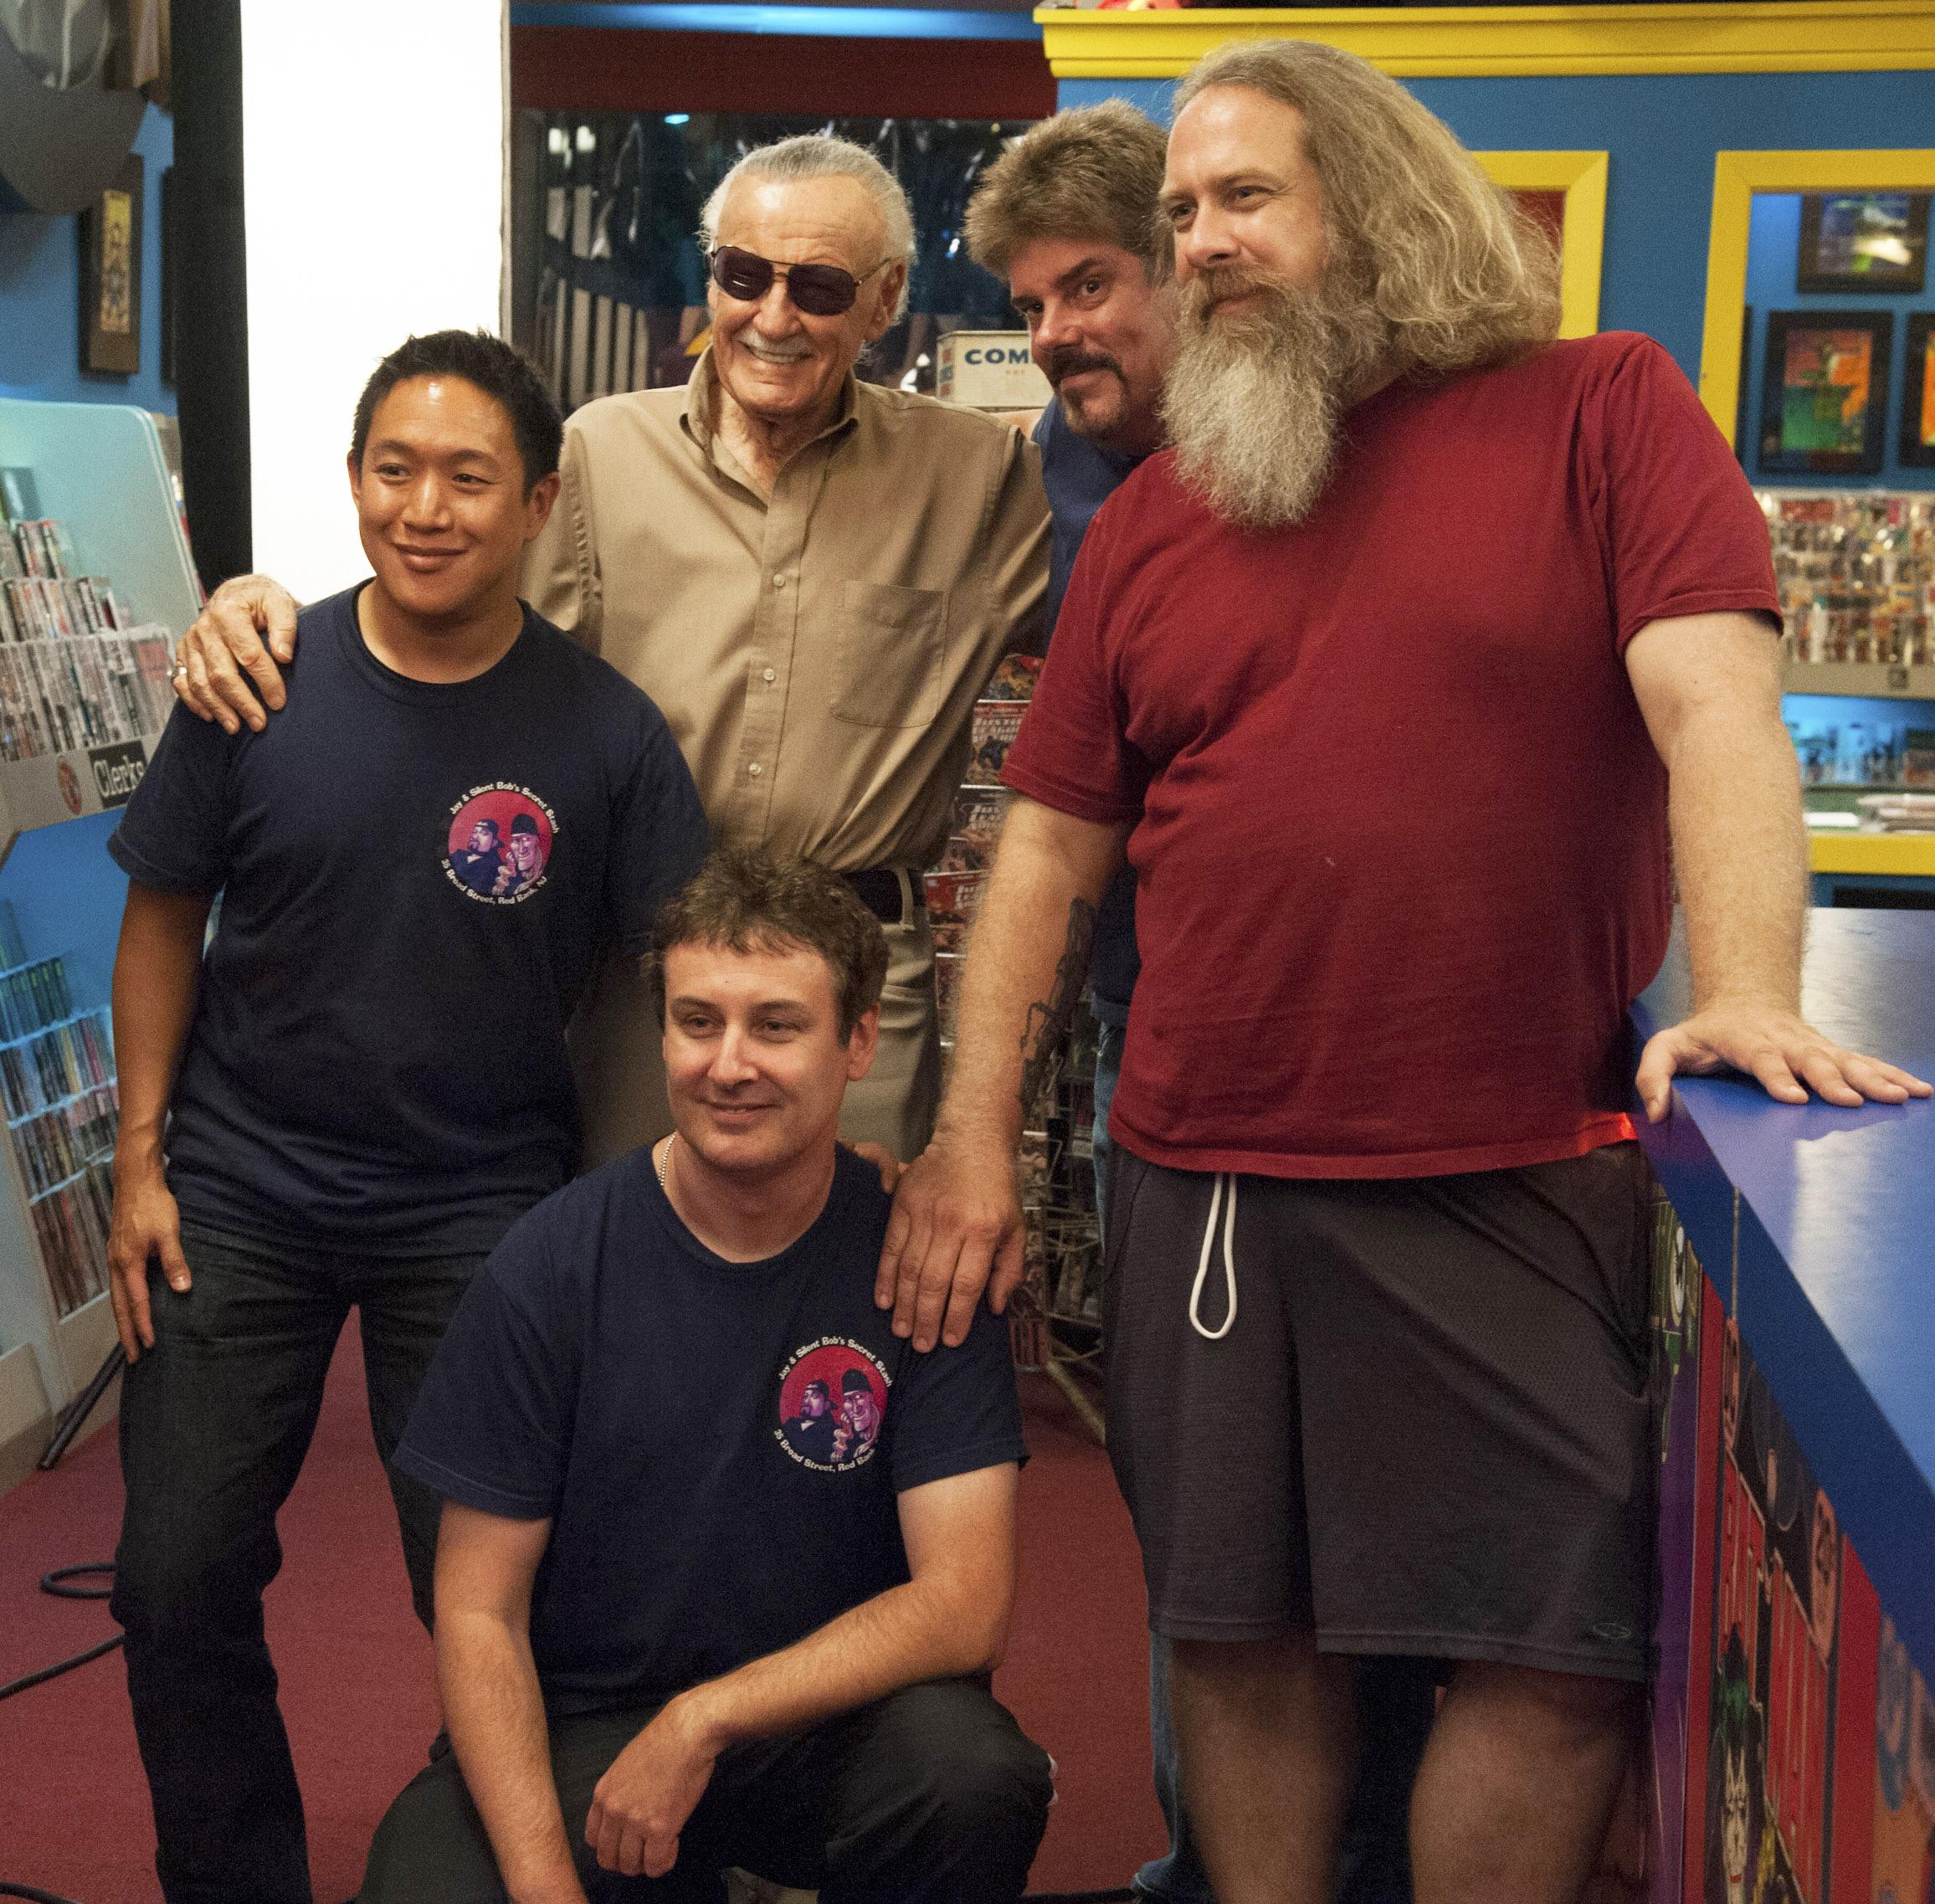 AMCs Comic Book Men Return for more Circus Seal Shannigans